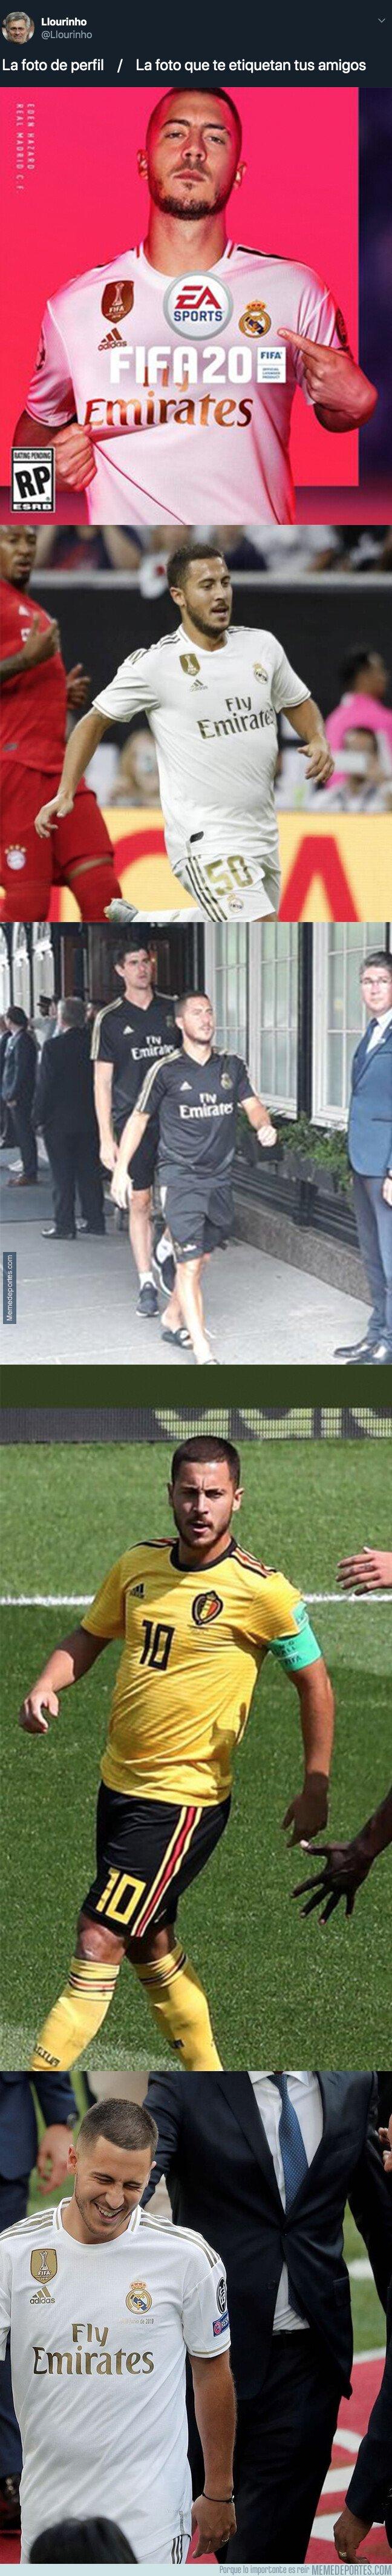 1082057 - Escándalo por el excesivo uso de Photoshop en el cuerpo de Hazard en la portada del FIFA 20 comparado con la realidad